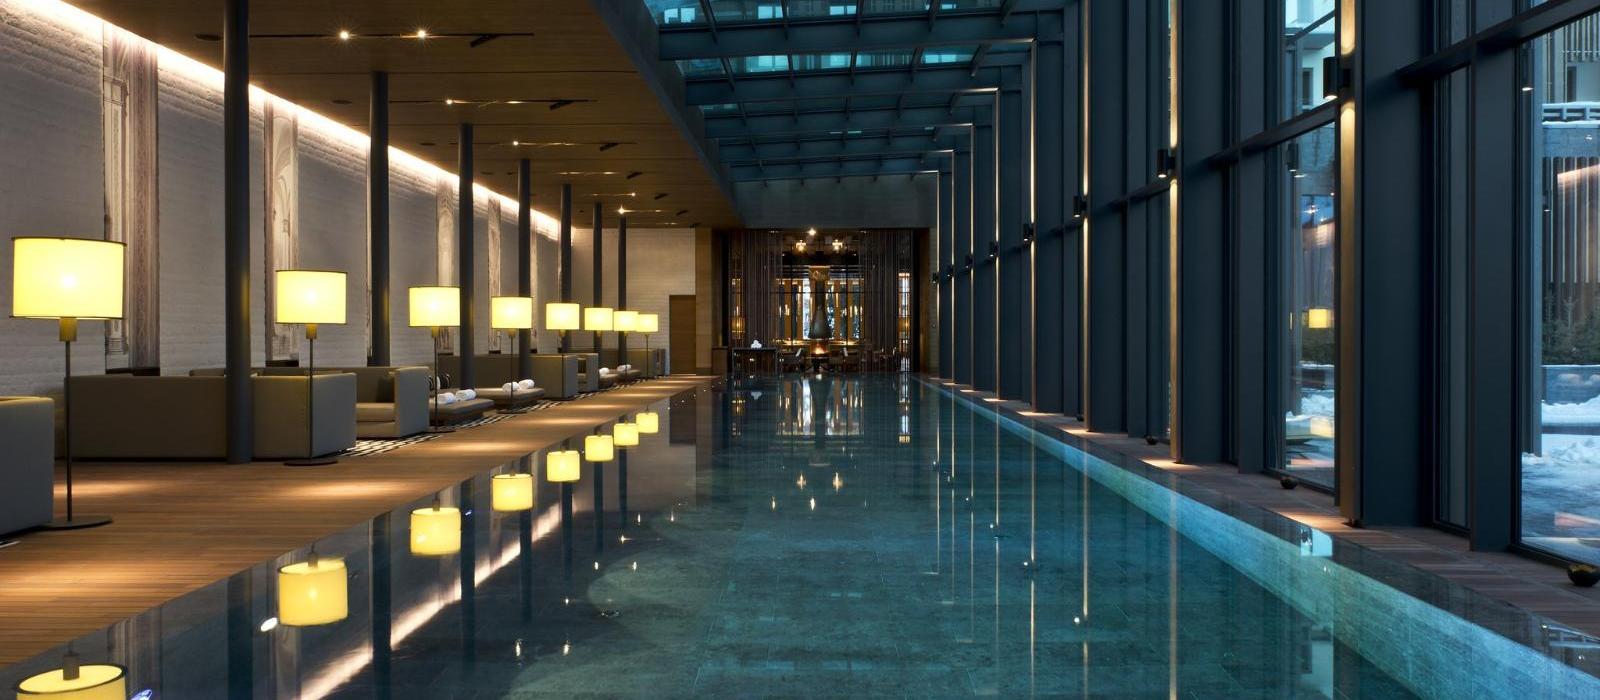 安德马特澈笛度假酒店(The Chedi Andermatt) 图片  www.lhw.cn